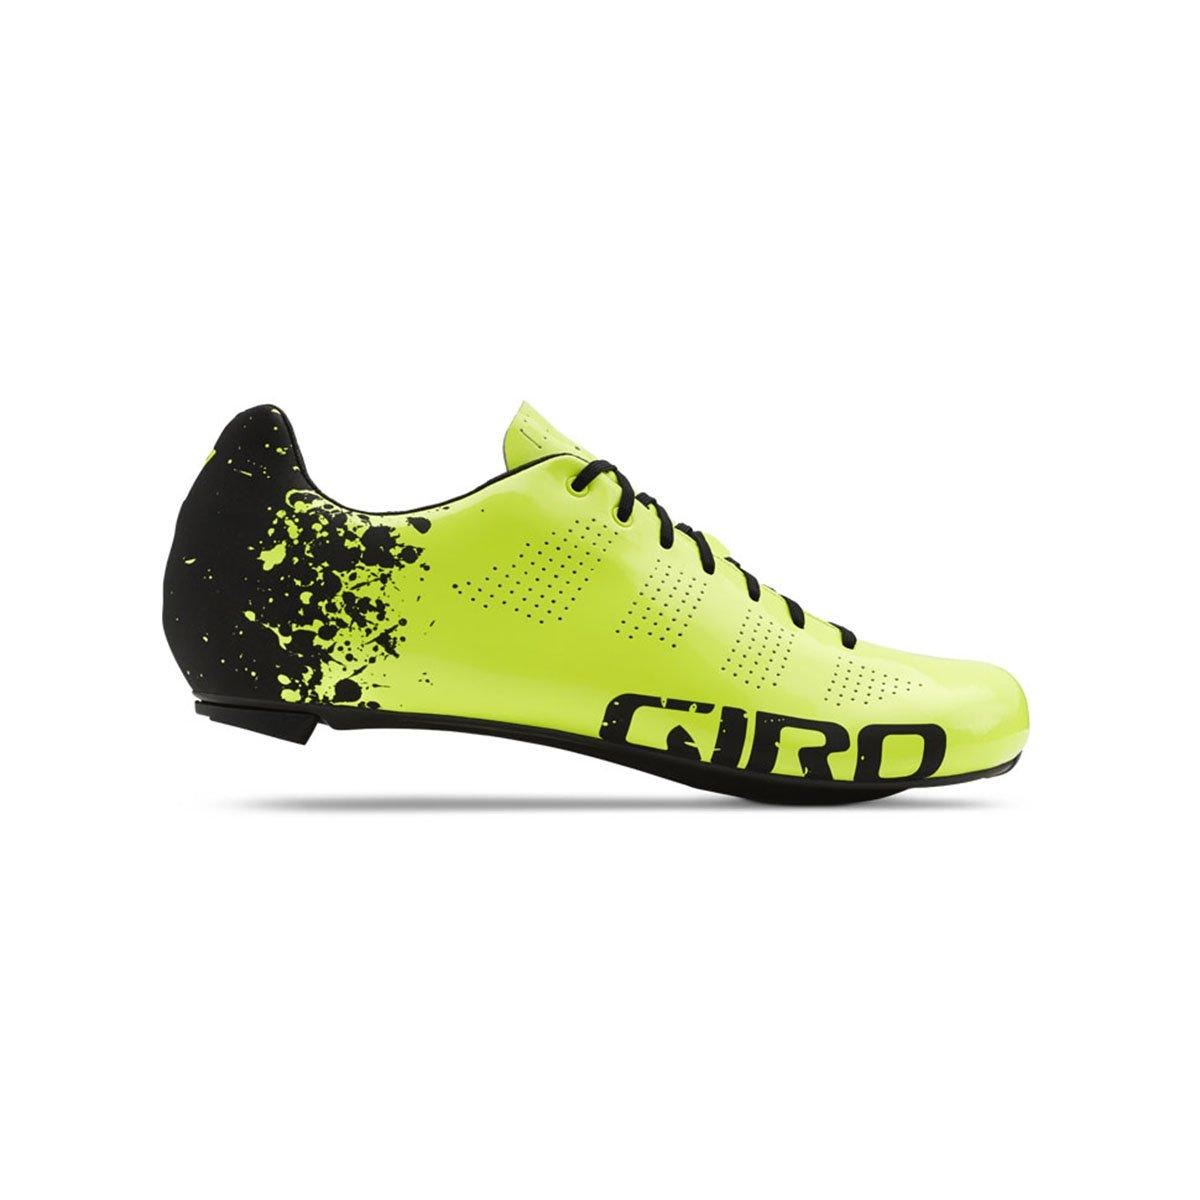 Giro Empire Acc 15 Schuhe Gr.41 Herren: : Schuhe